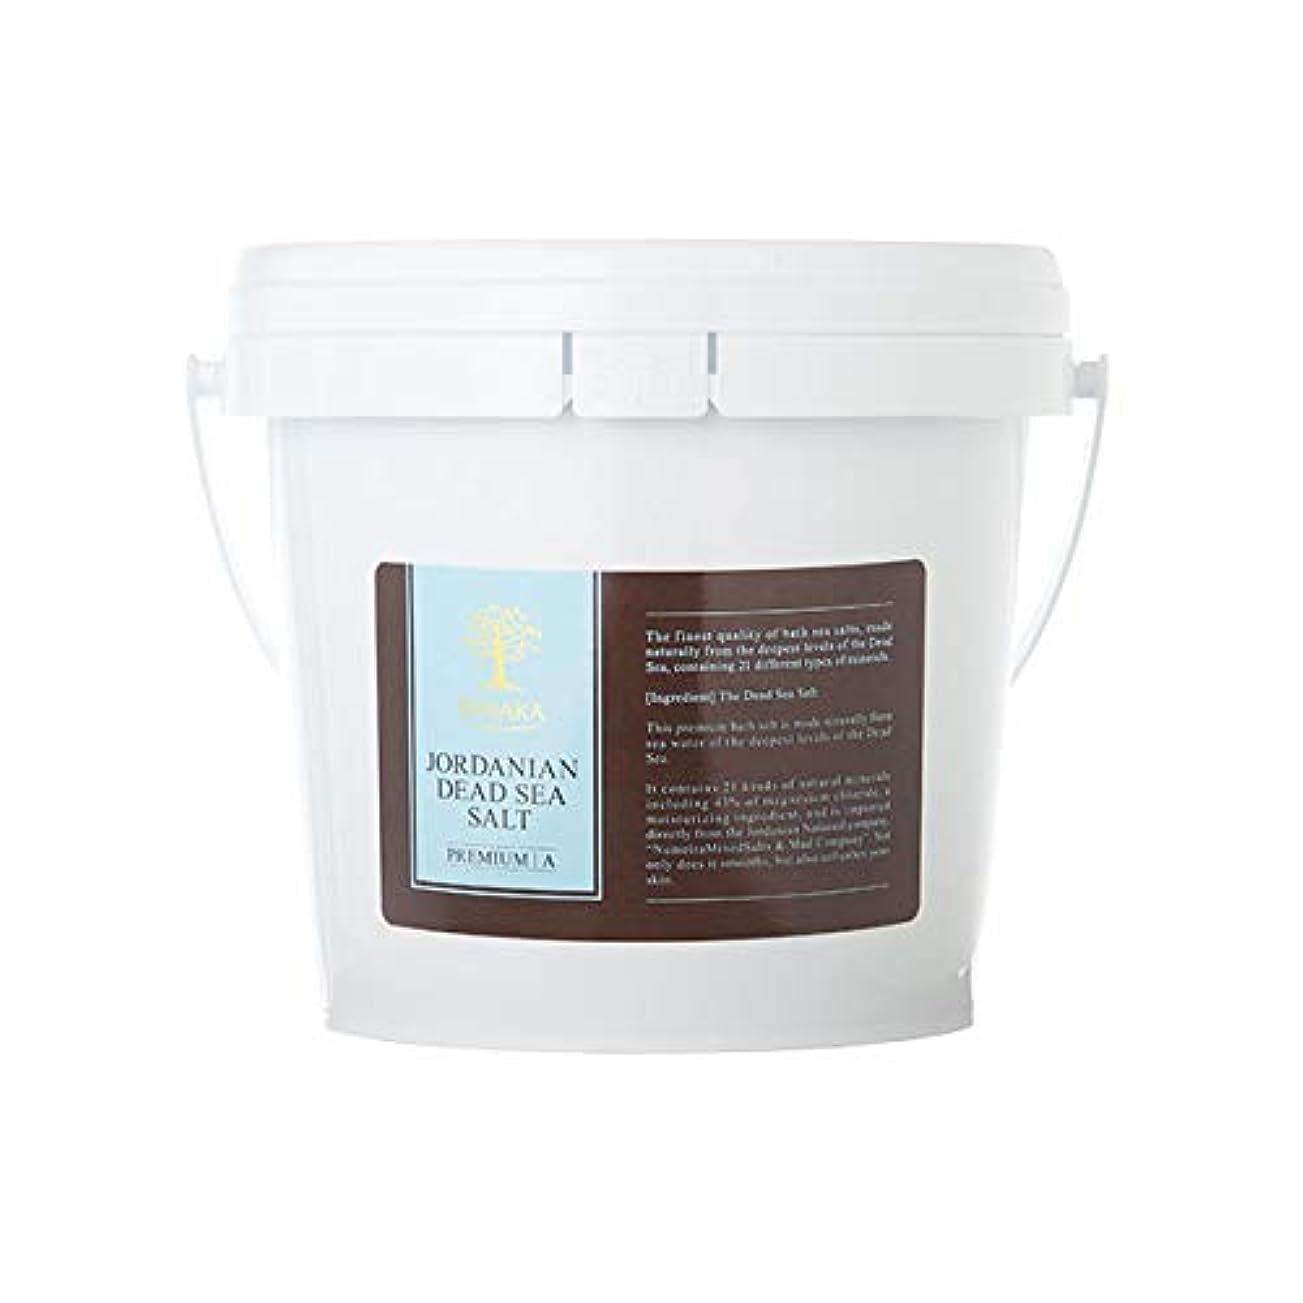 能力同様の博物館BARAKA(バラカ) ジョルダニアン デッドシー ソルト バケツ 1.5kg バスソルト 入浴剤 ヨルダン産死海塩100%